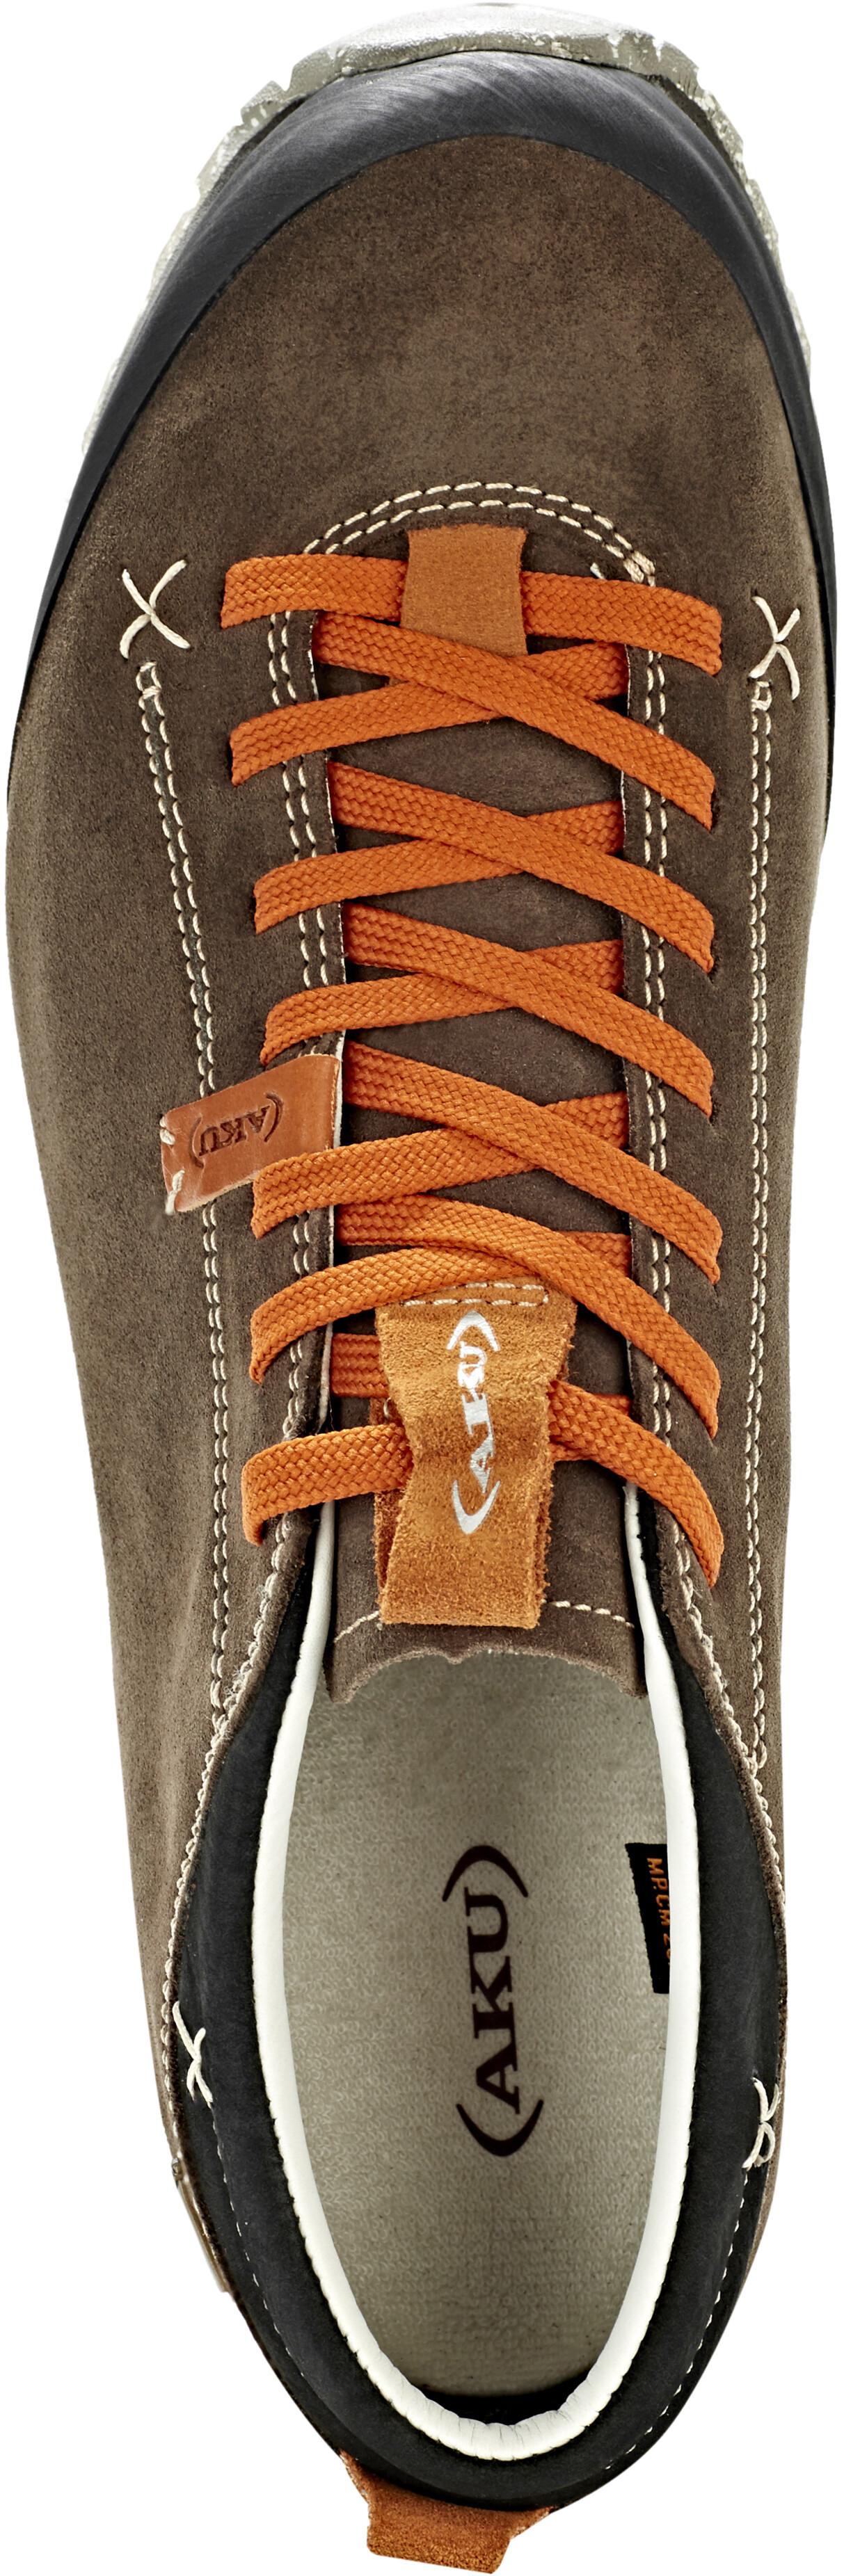 AKU Bellamont Suede GTX Shoes orange brown at Addnature.co.uk 1c7677aa0168